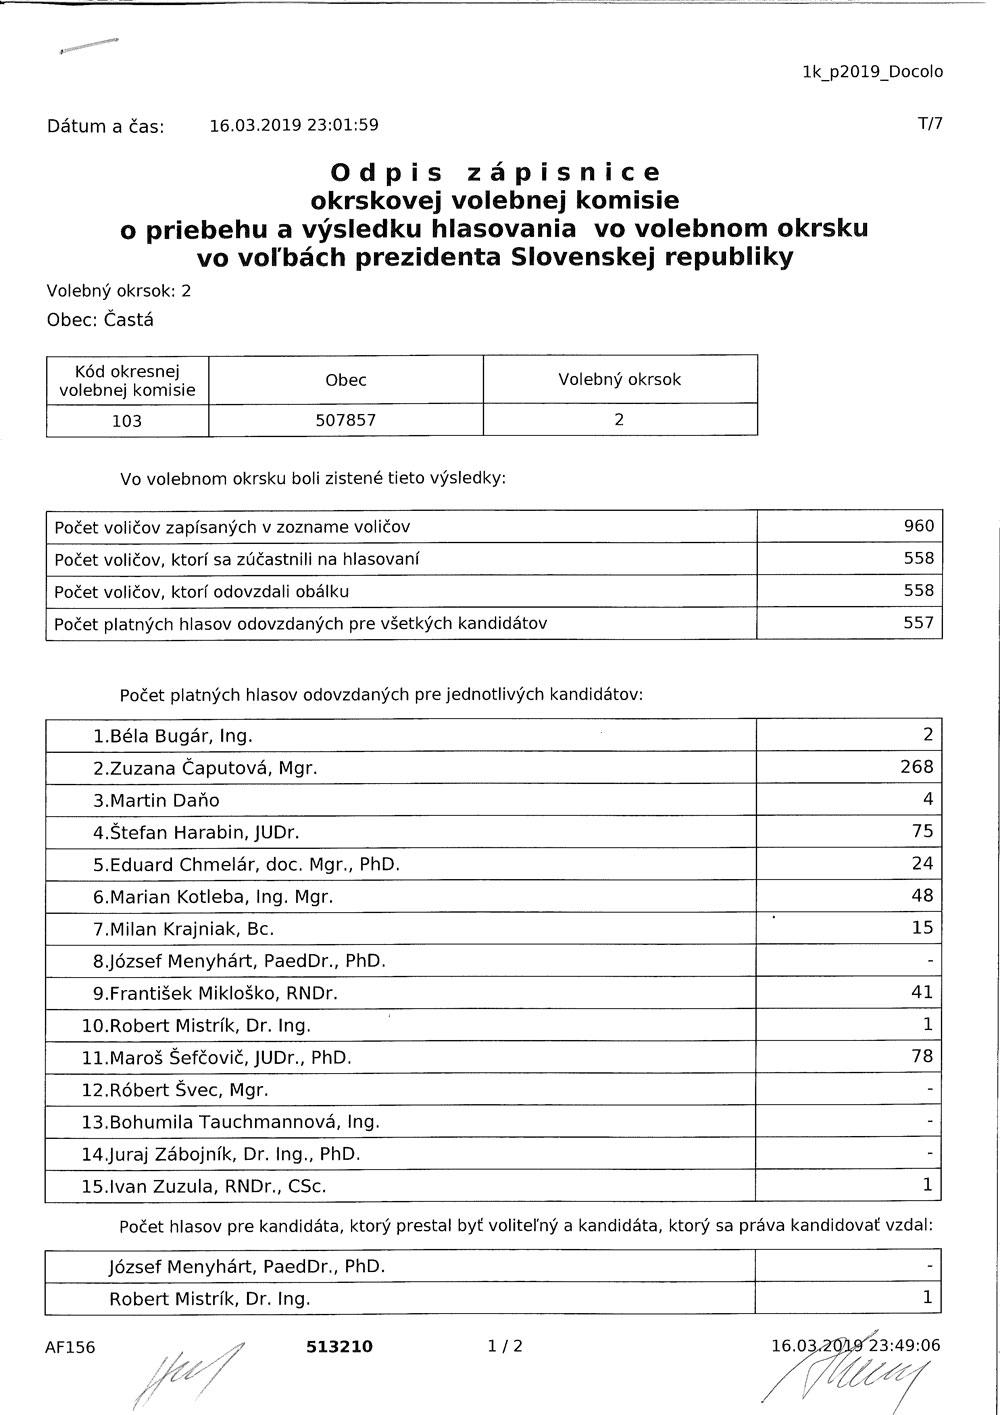 /odpis_zapisnice_priebeh_vysledky_hlasovania2019_volby_prezidenta